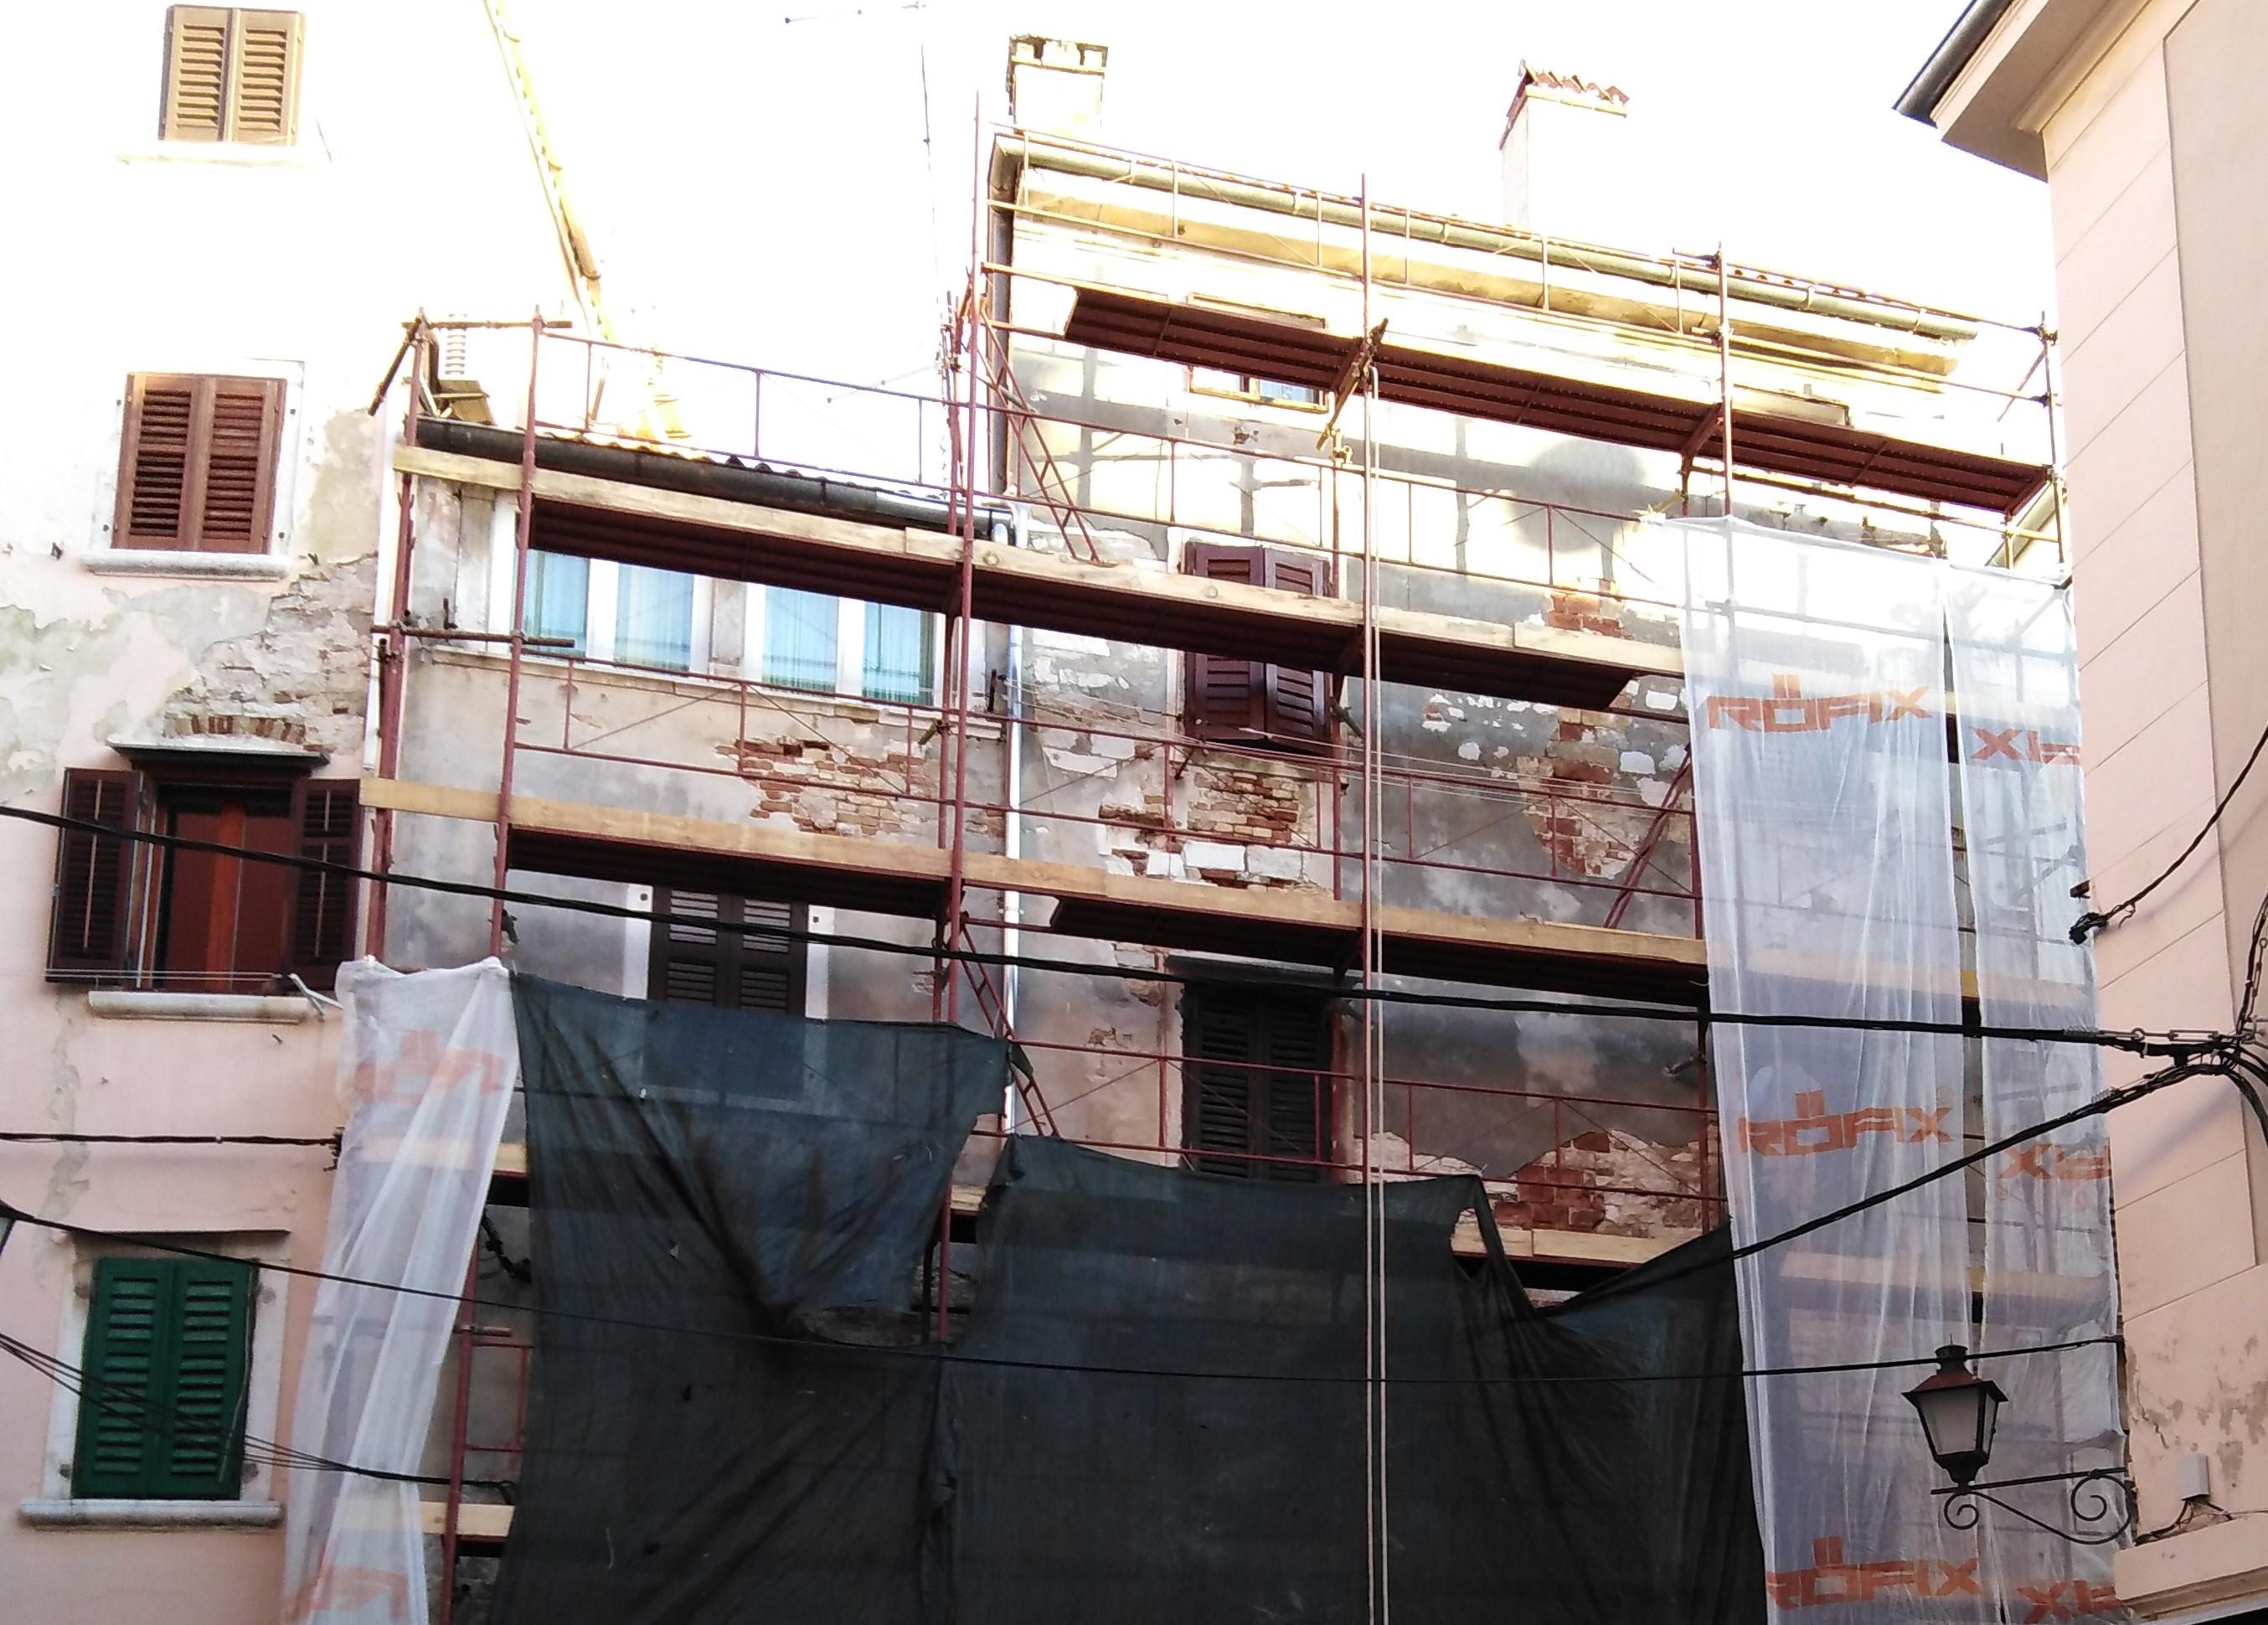 Il tetto e la facciata dell'edificio in via Arsenale 1 in fase di ristrutturazione